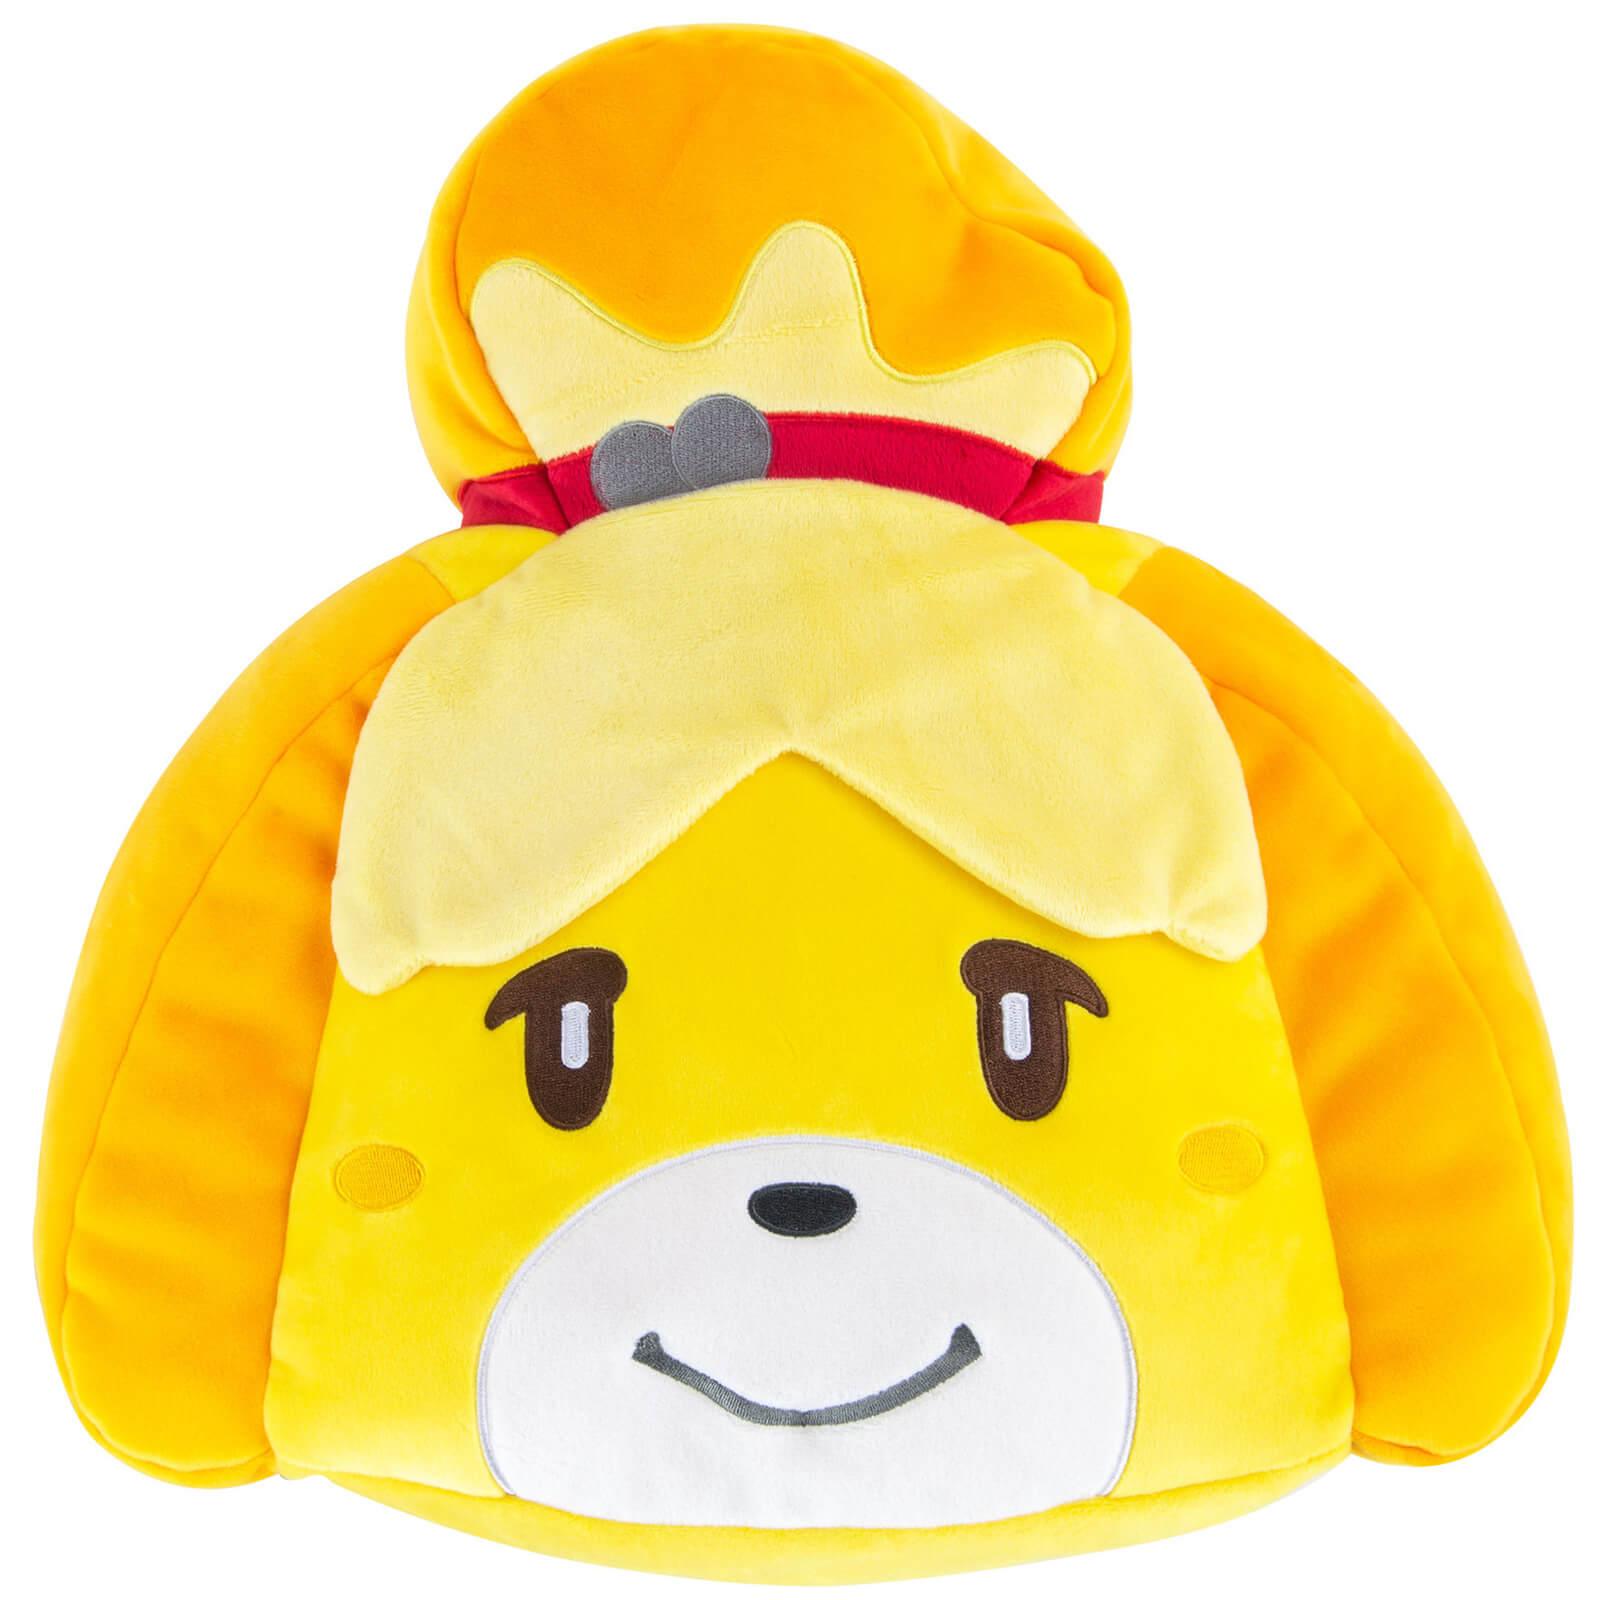 Image of Mega Animal Crossing Isabelle Plush Toy